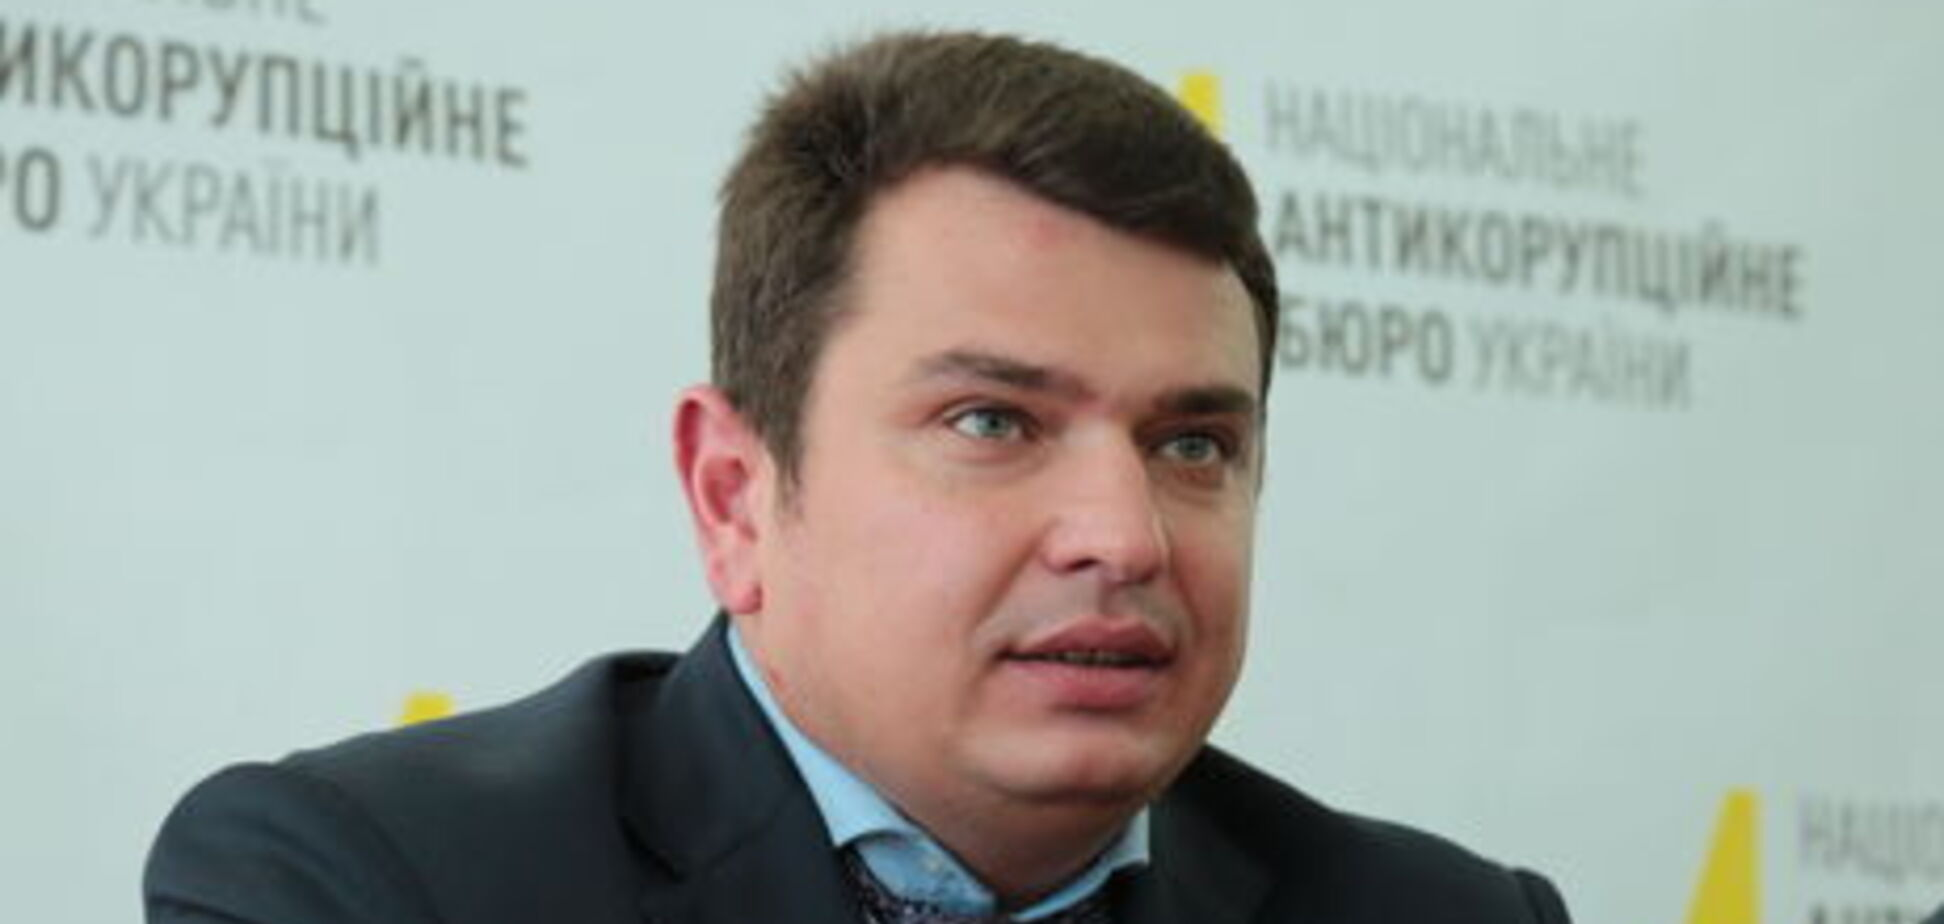 Сделка с оккупантами: Сытник не задекларировал 1 млн рублей от продажи недвижимости в аннексированном Крыму